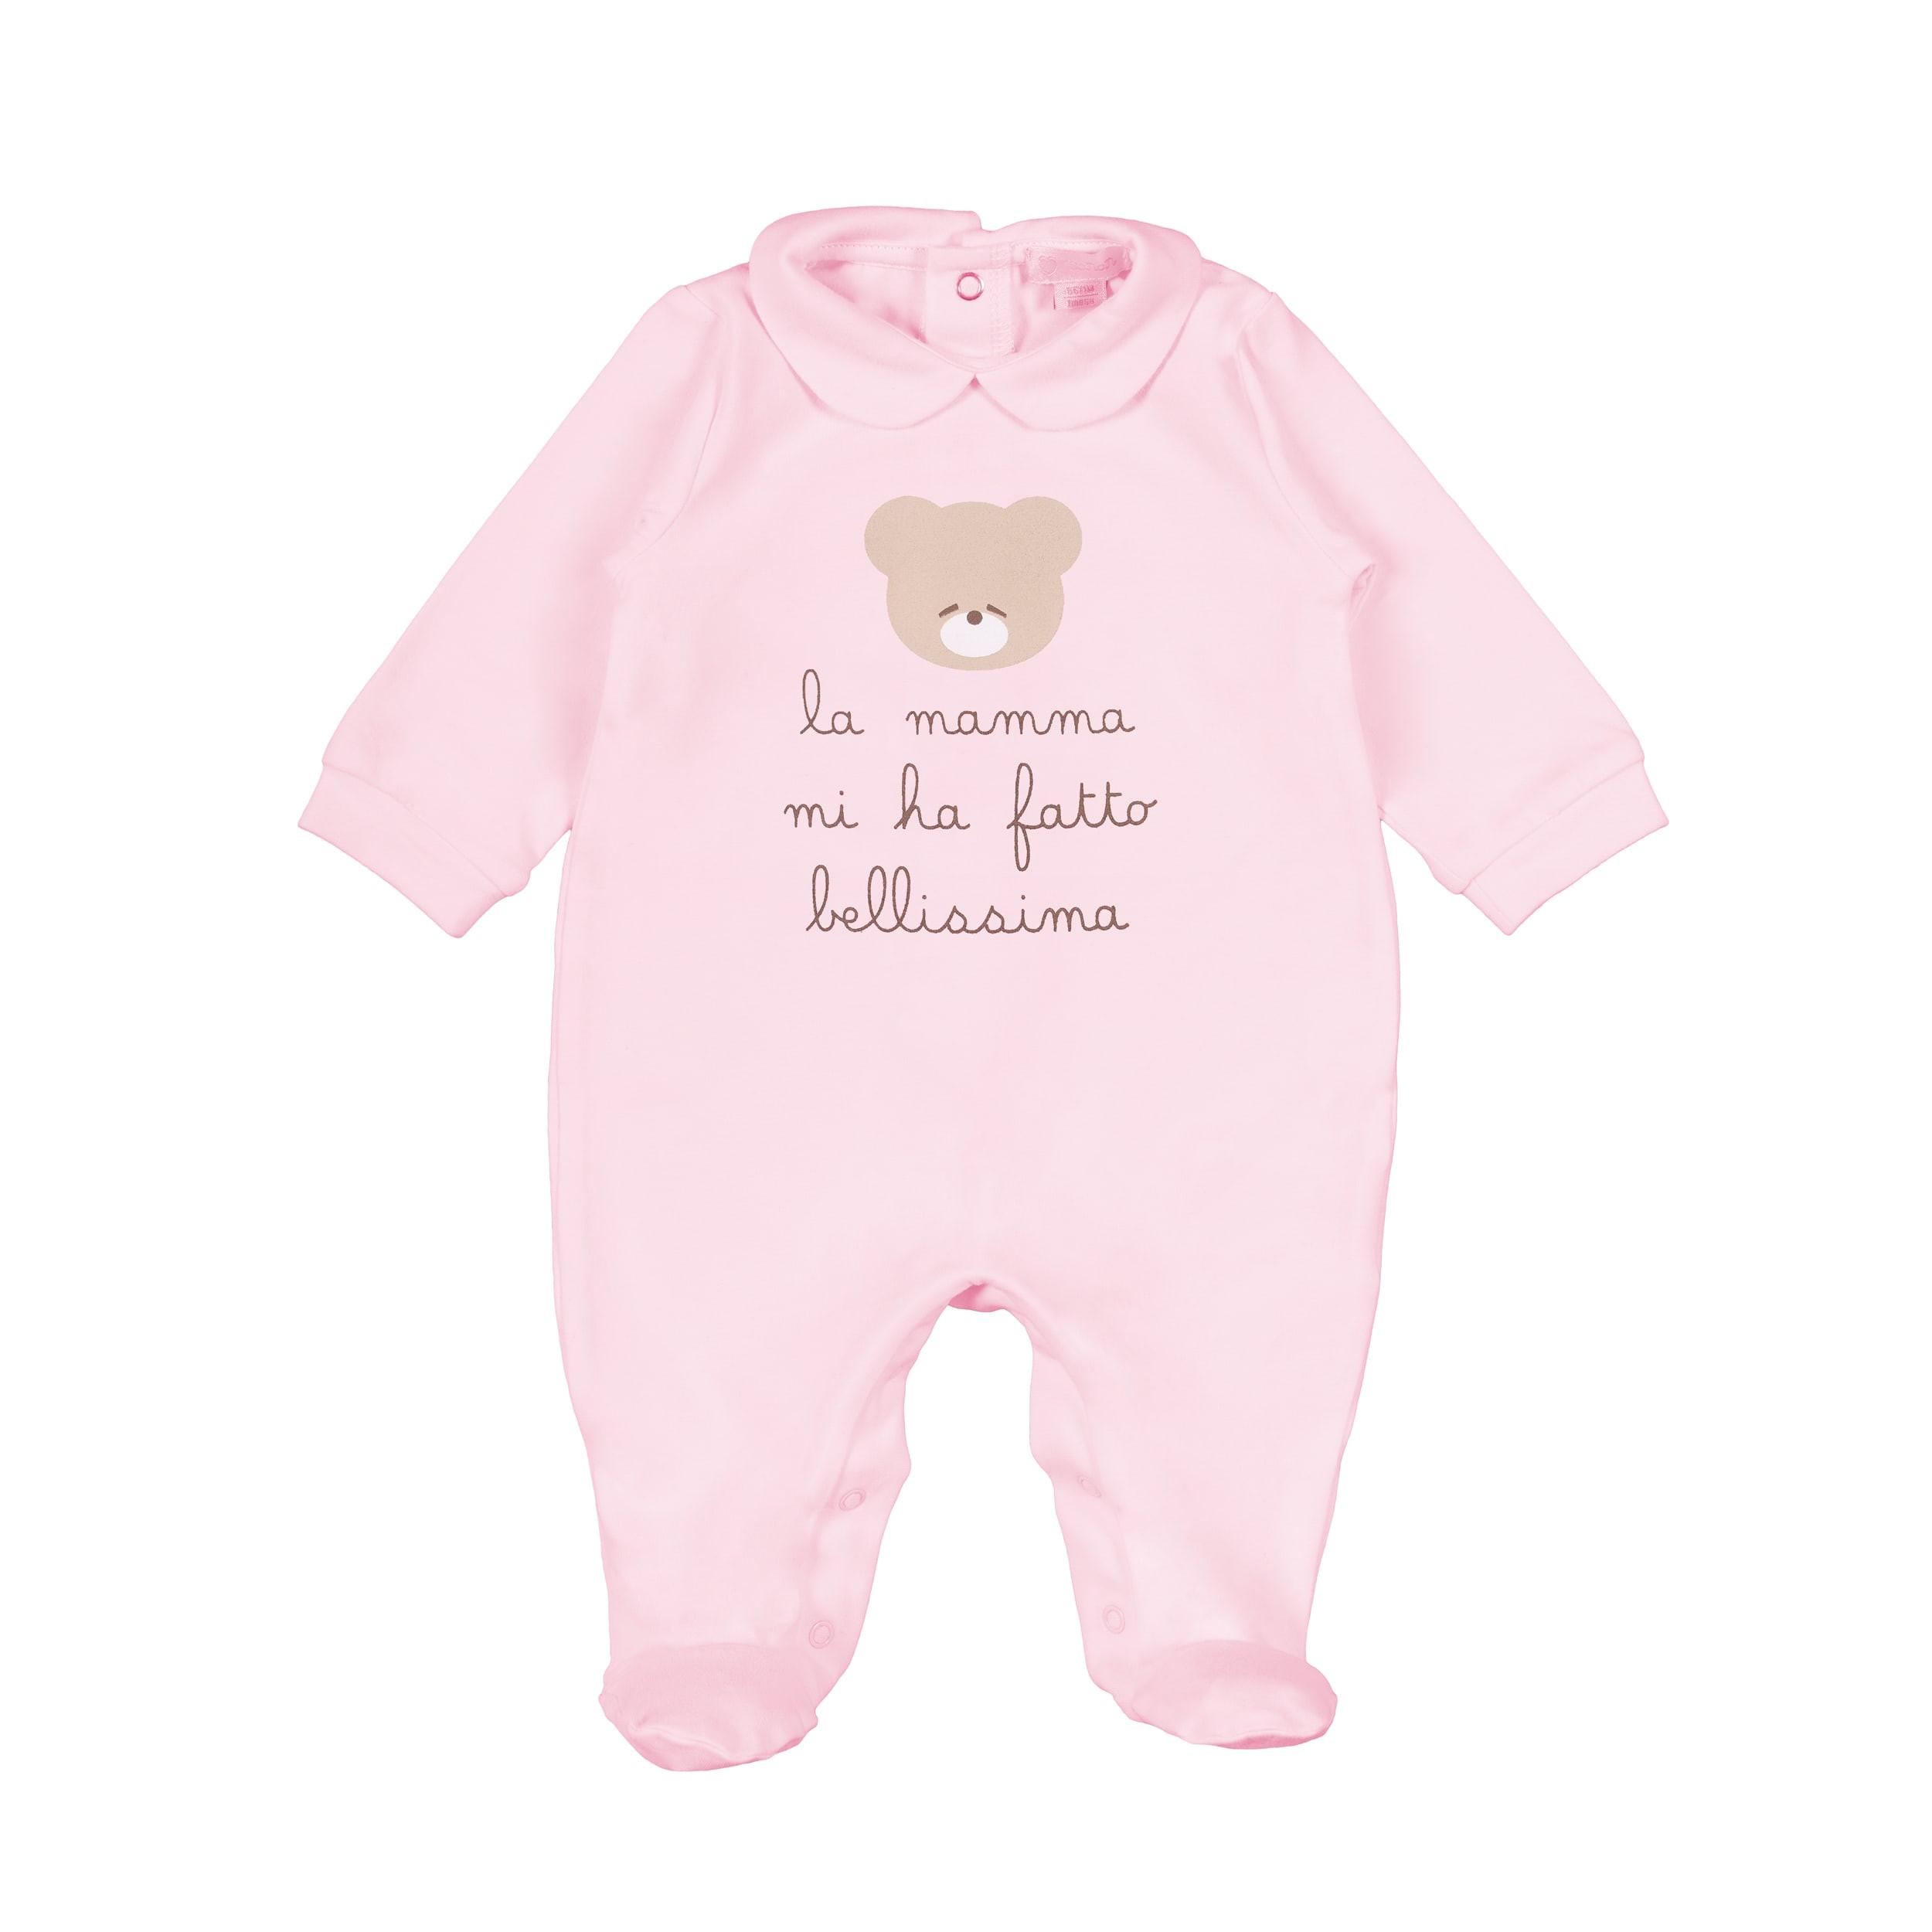 Pyjama - La Mamma mi ha fatto bellissima - 1M